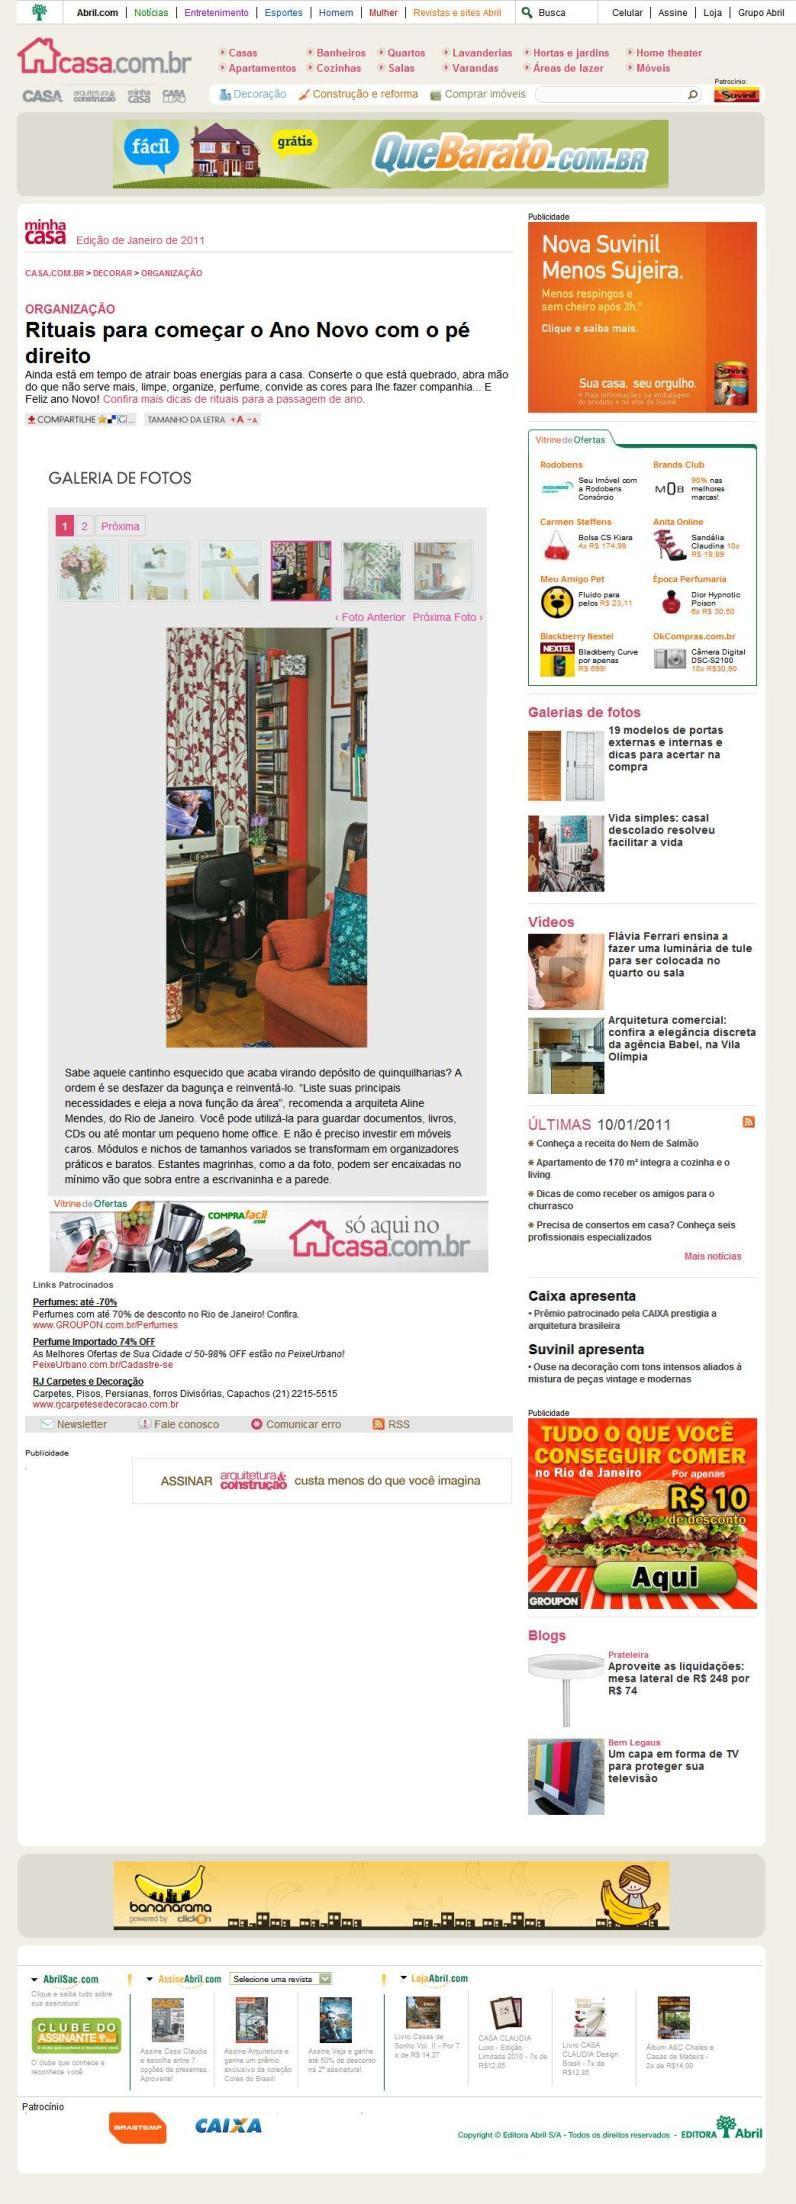 Casa.com.br - Janeiro 2011